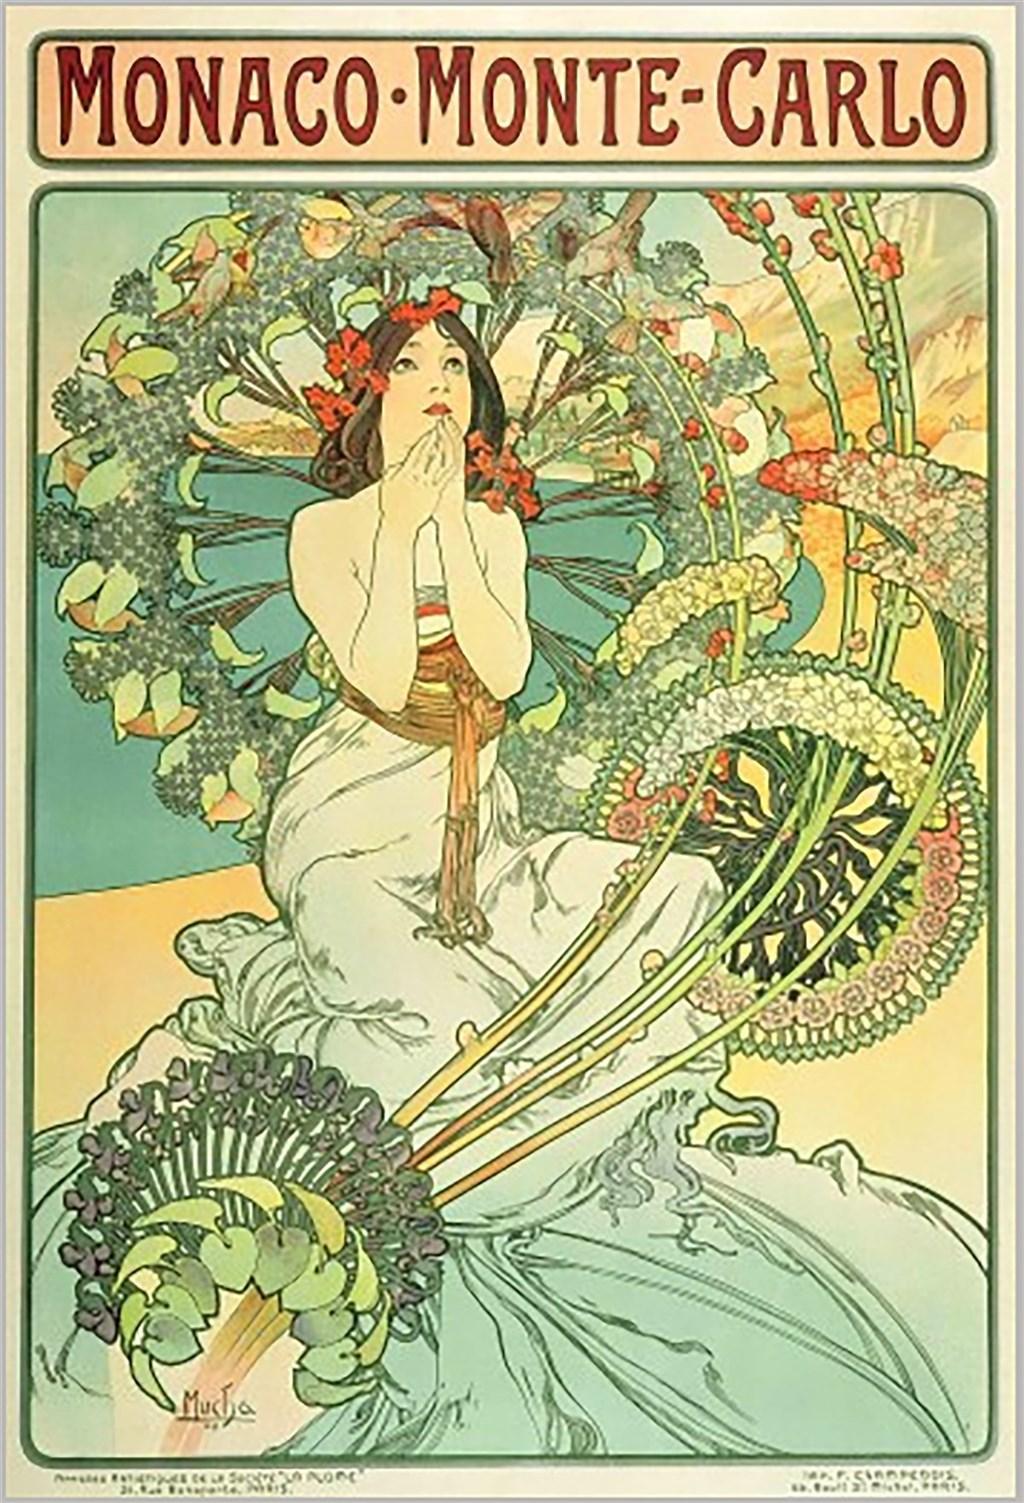 捷克藝術家阿豐斯.慕夏(Alfons Maria Mucha)的海報作品以端莊優雅的女性人物形象和唯美線條聞名,形成獨特風格,其作品「摩納哥蒙地卡羅」將於民國110年6月來台展出。(慕夏基金會提供)中央社記者鄭景雯傳真 109年9月1日